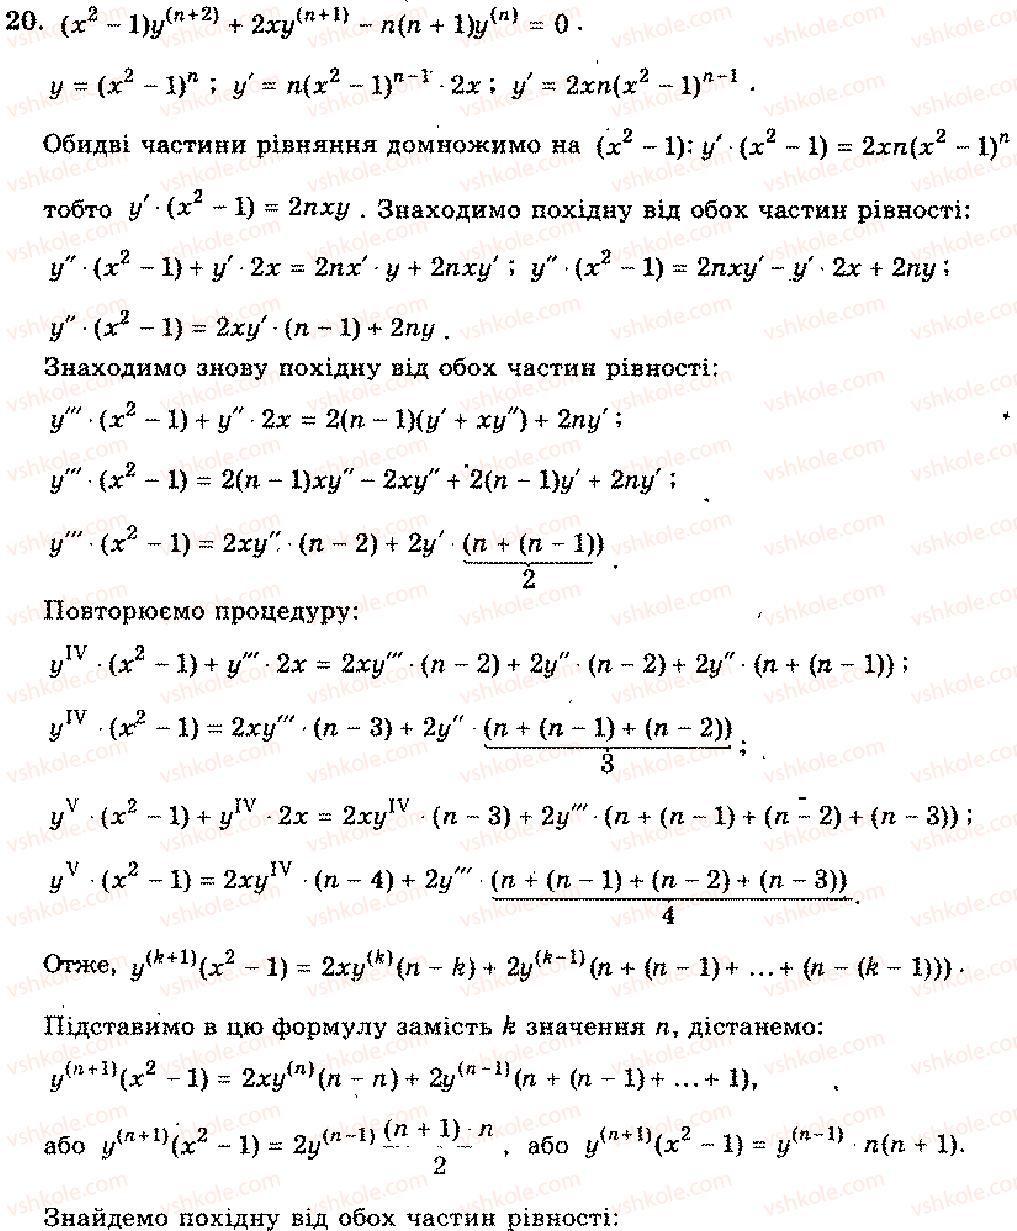 11-algebra-mi-shkil-zi-slepkan-os-dubinchuk-2006--rozdil-7-pohidna-20.jpg